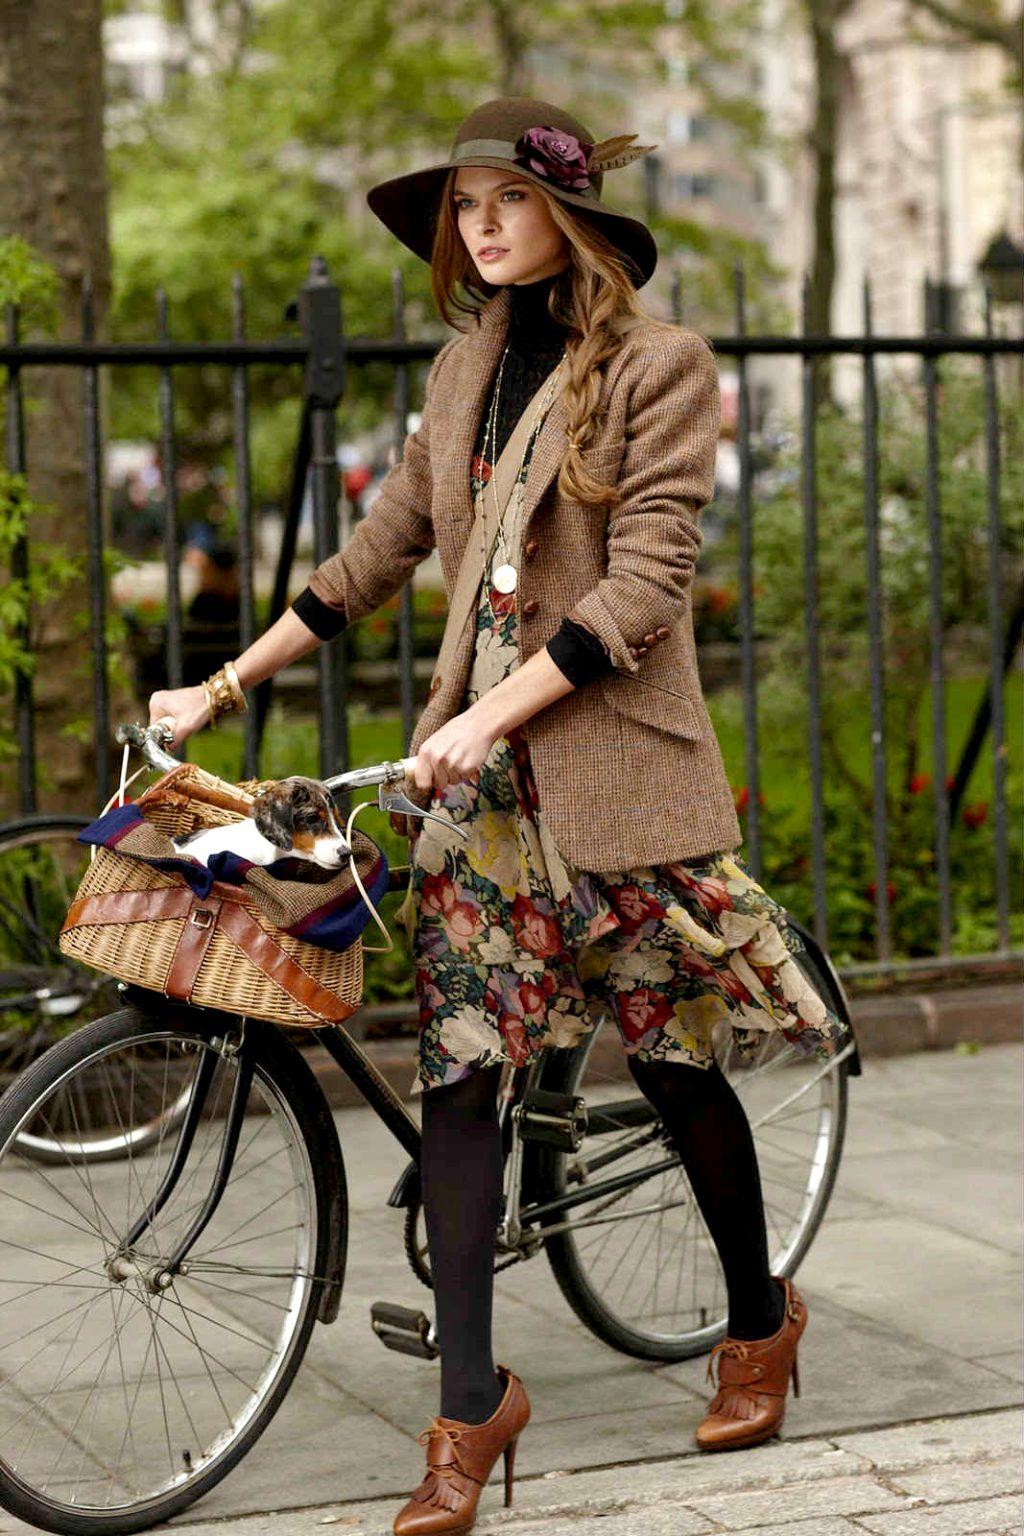 Vải tweed, chất liệu kinh điển trong mùa Thu-Đông: cô gái đi xe đạp.